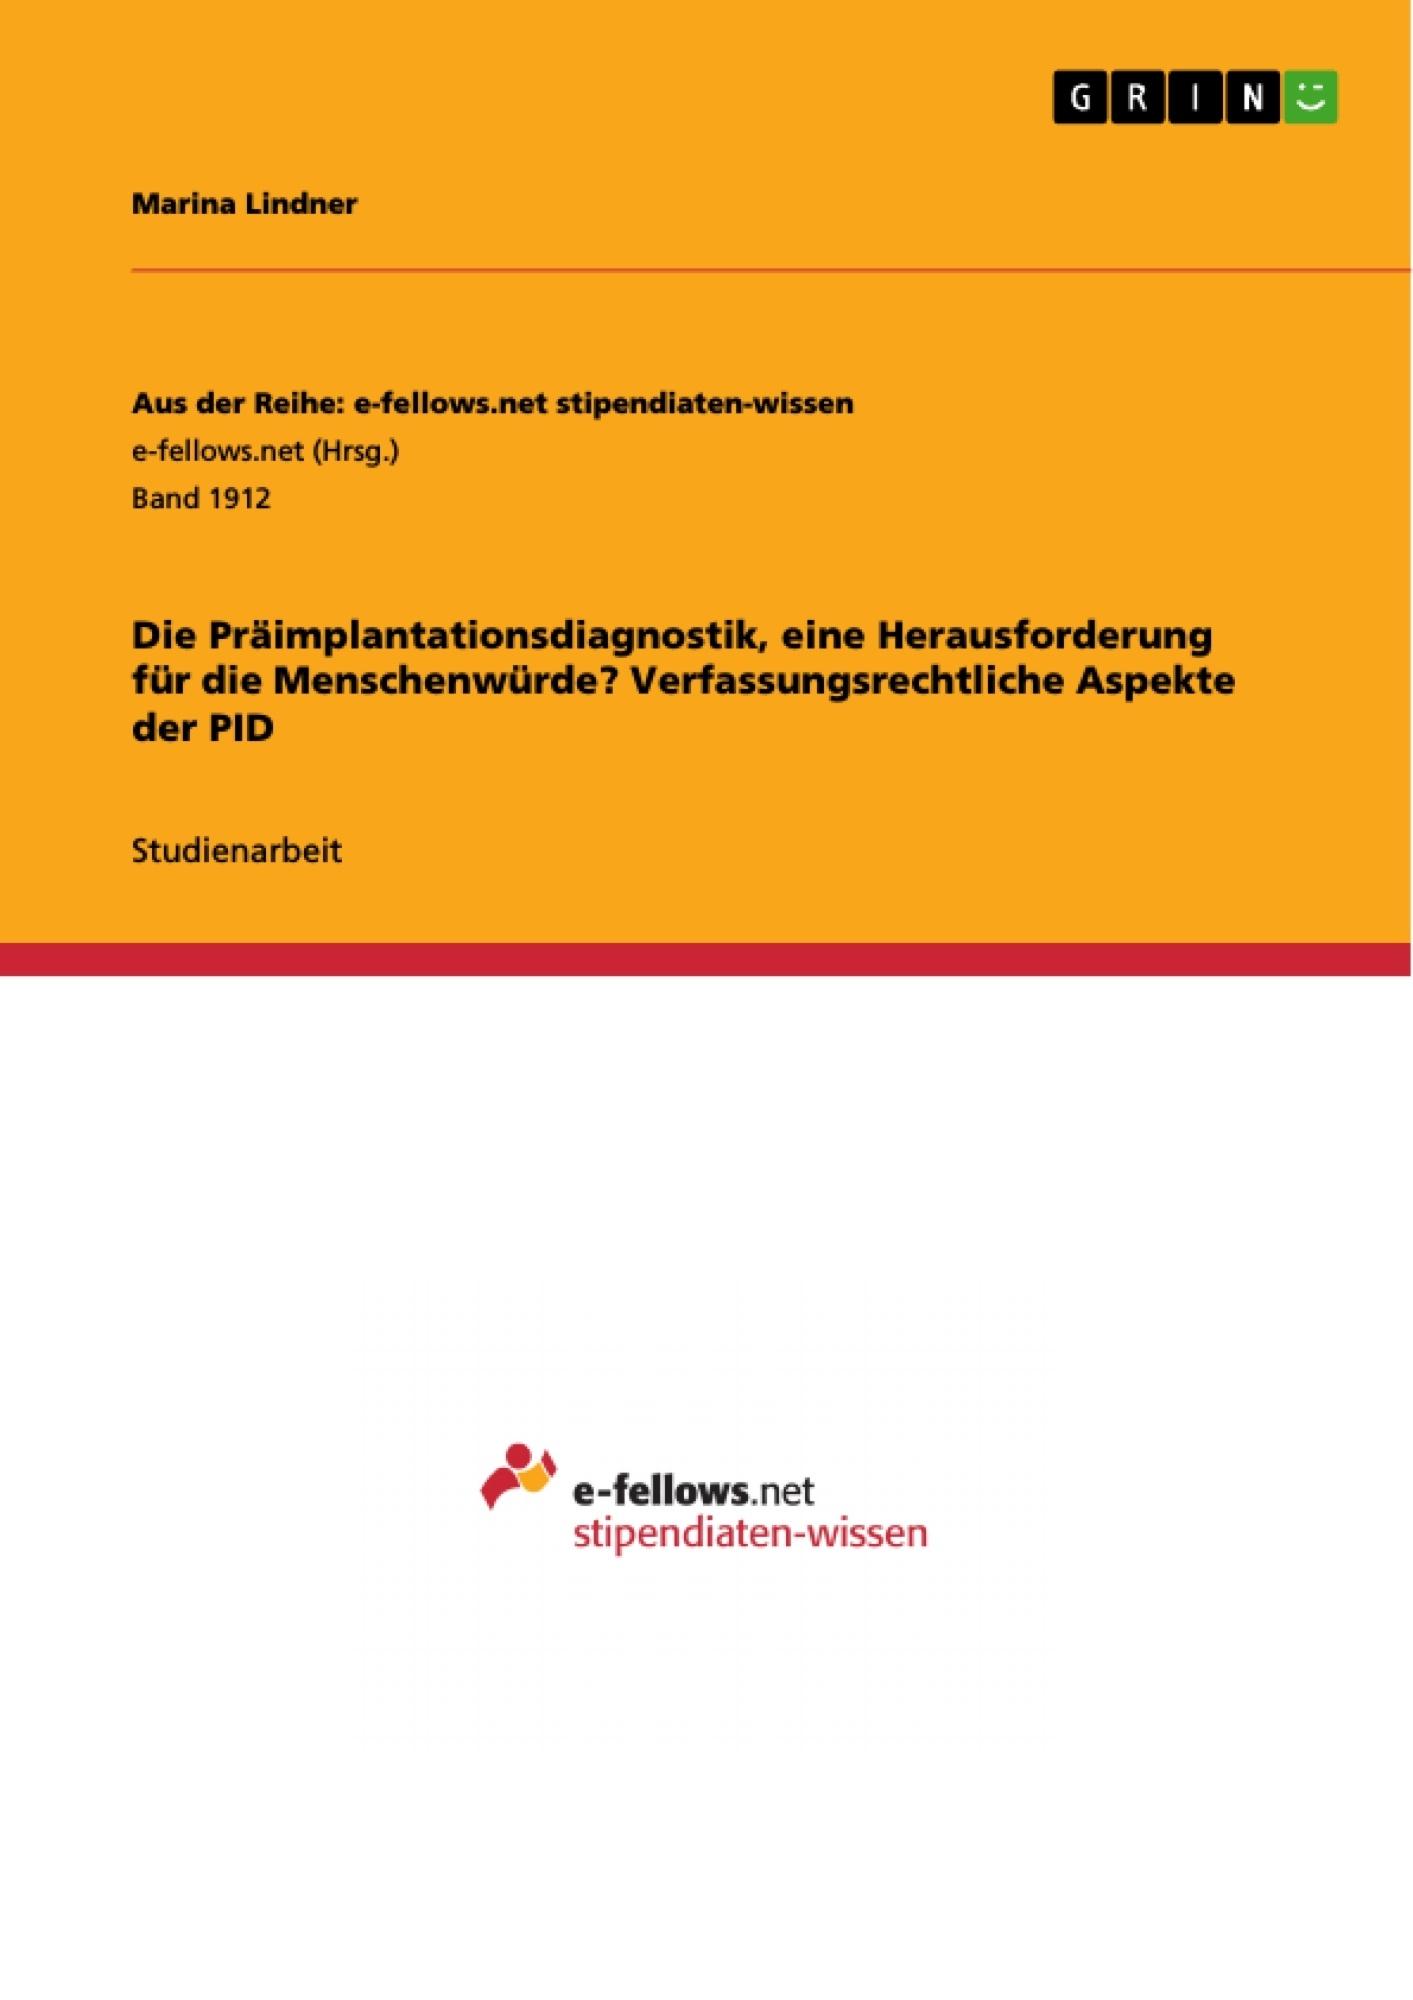 Titel: Die Präimplantationsdiagnostik, eine Herausforderung für die Menschenwürde? Verfassungsrechtliche Aspekte der PID